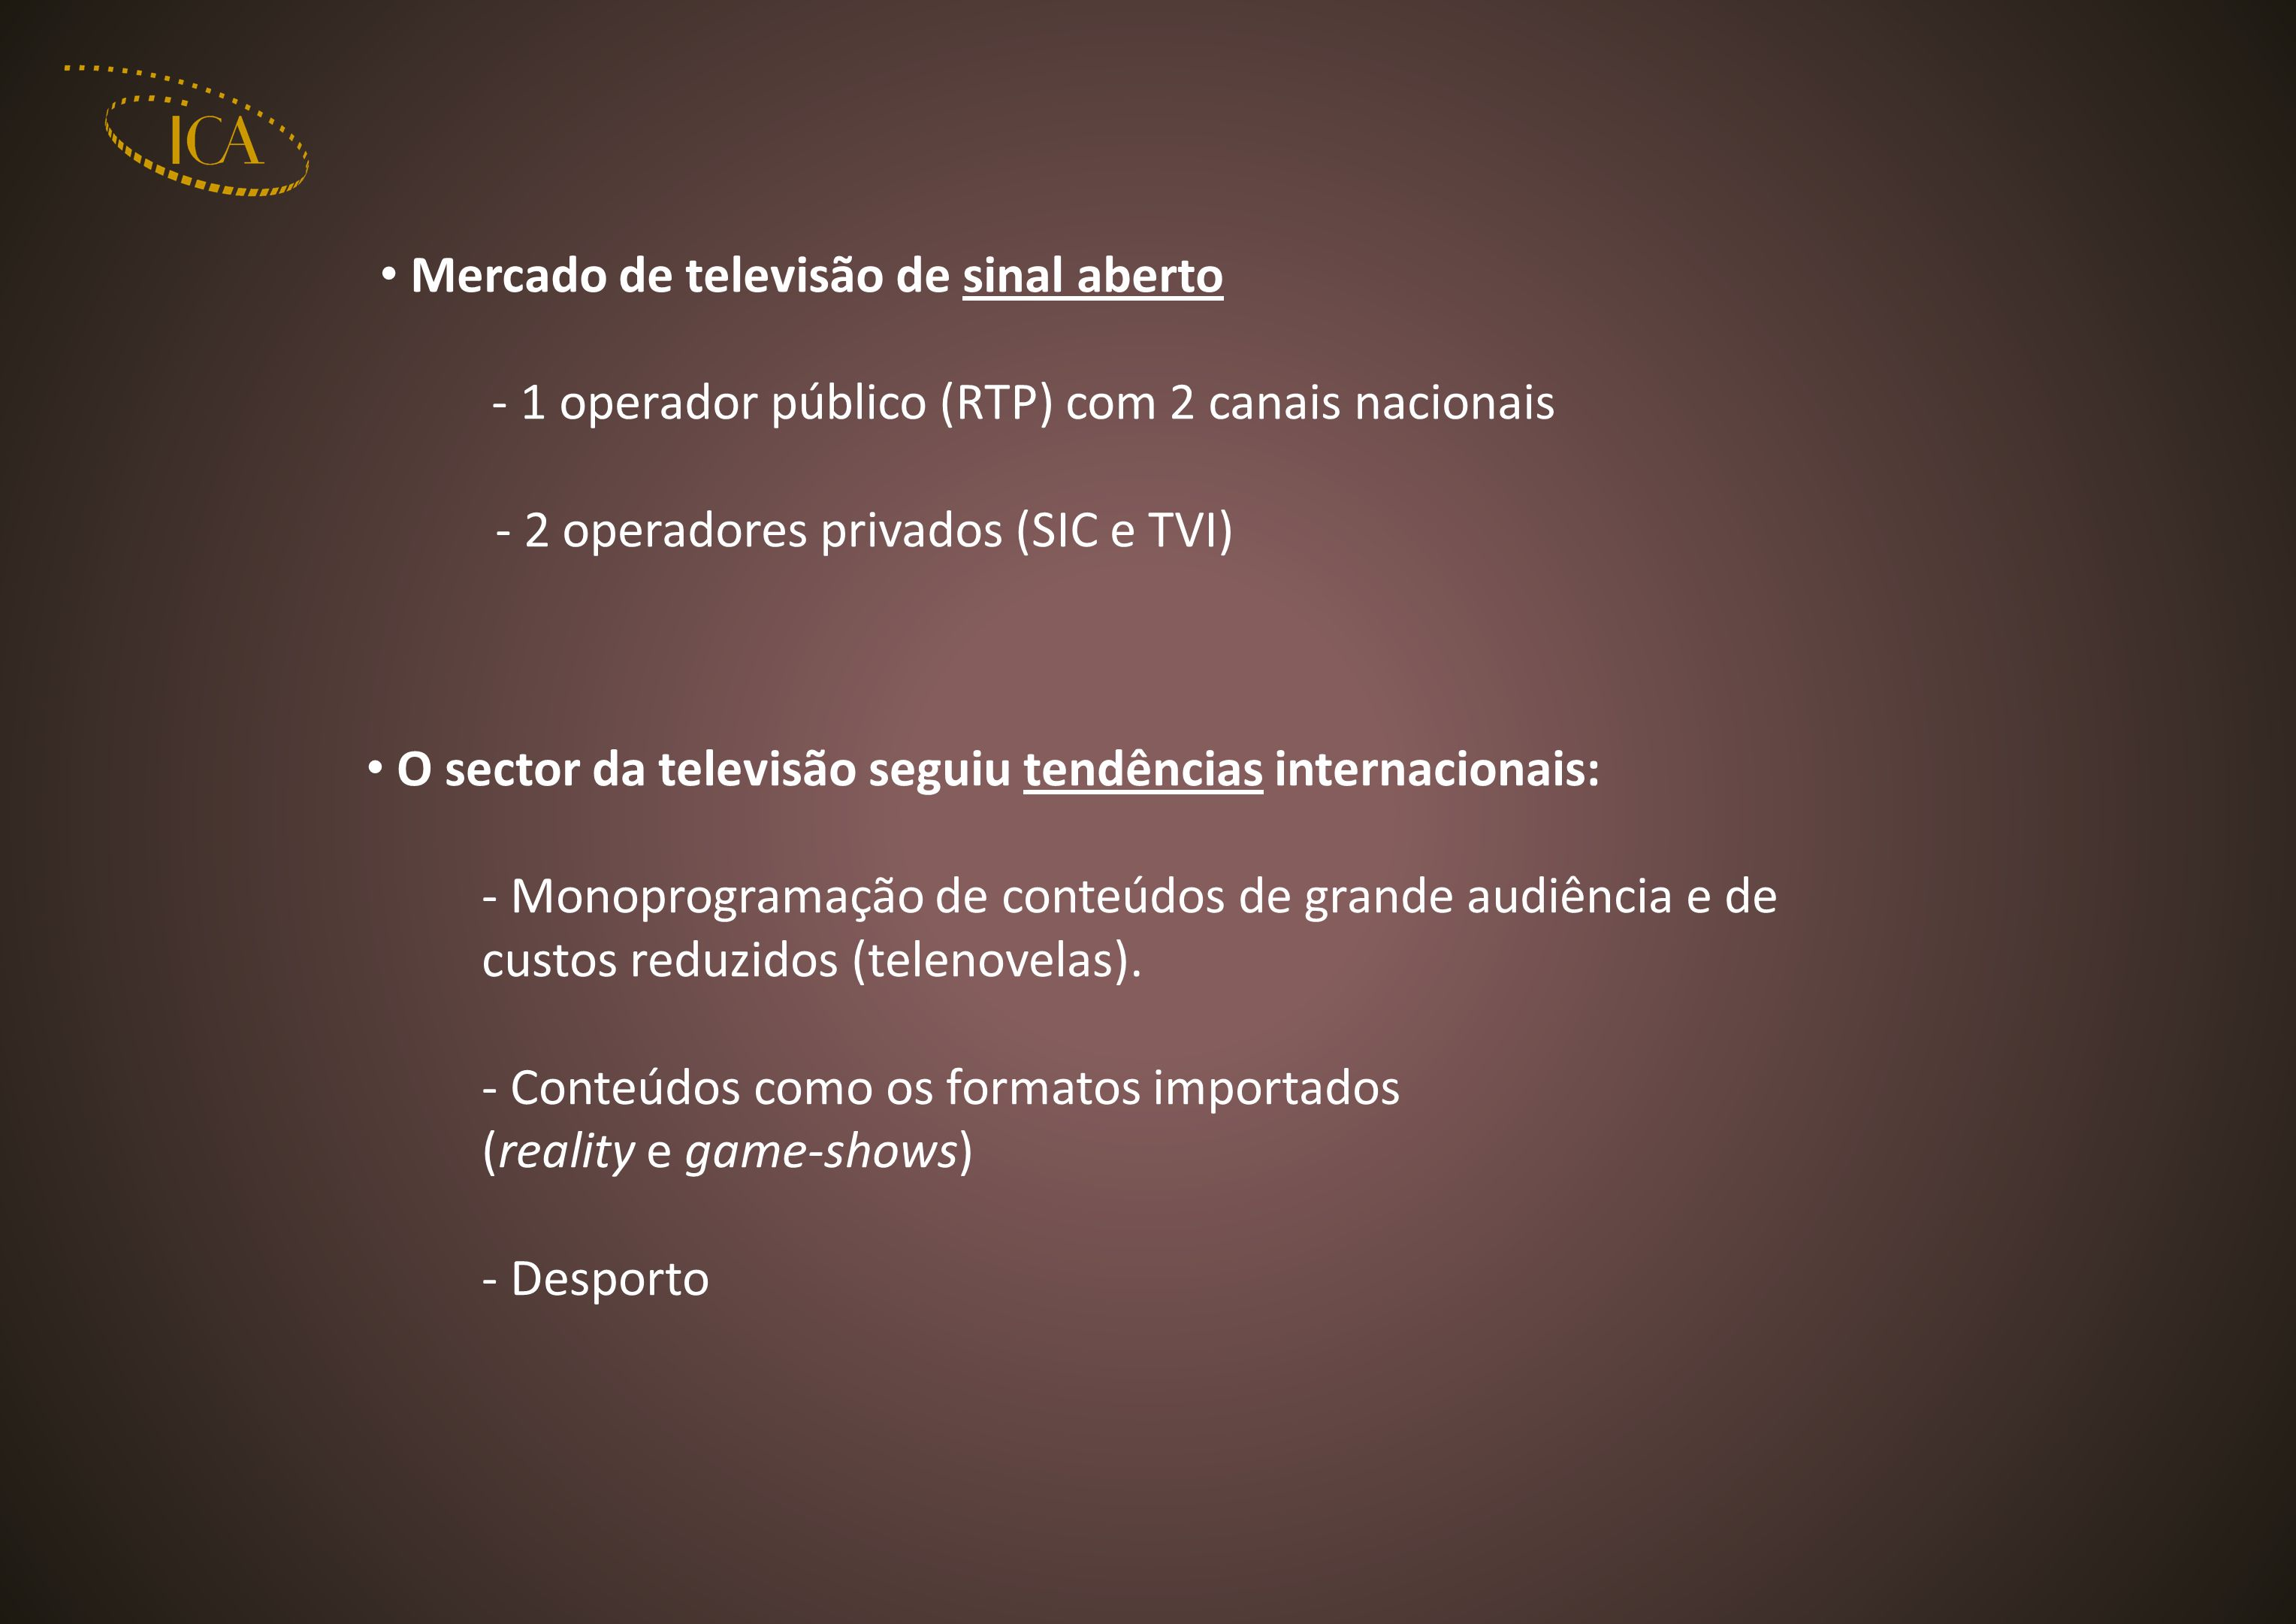 Mercado de televisão de sinal aberto